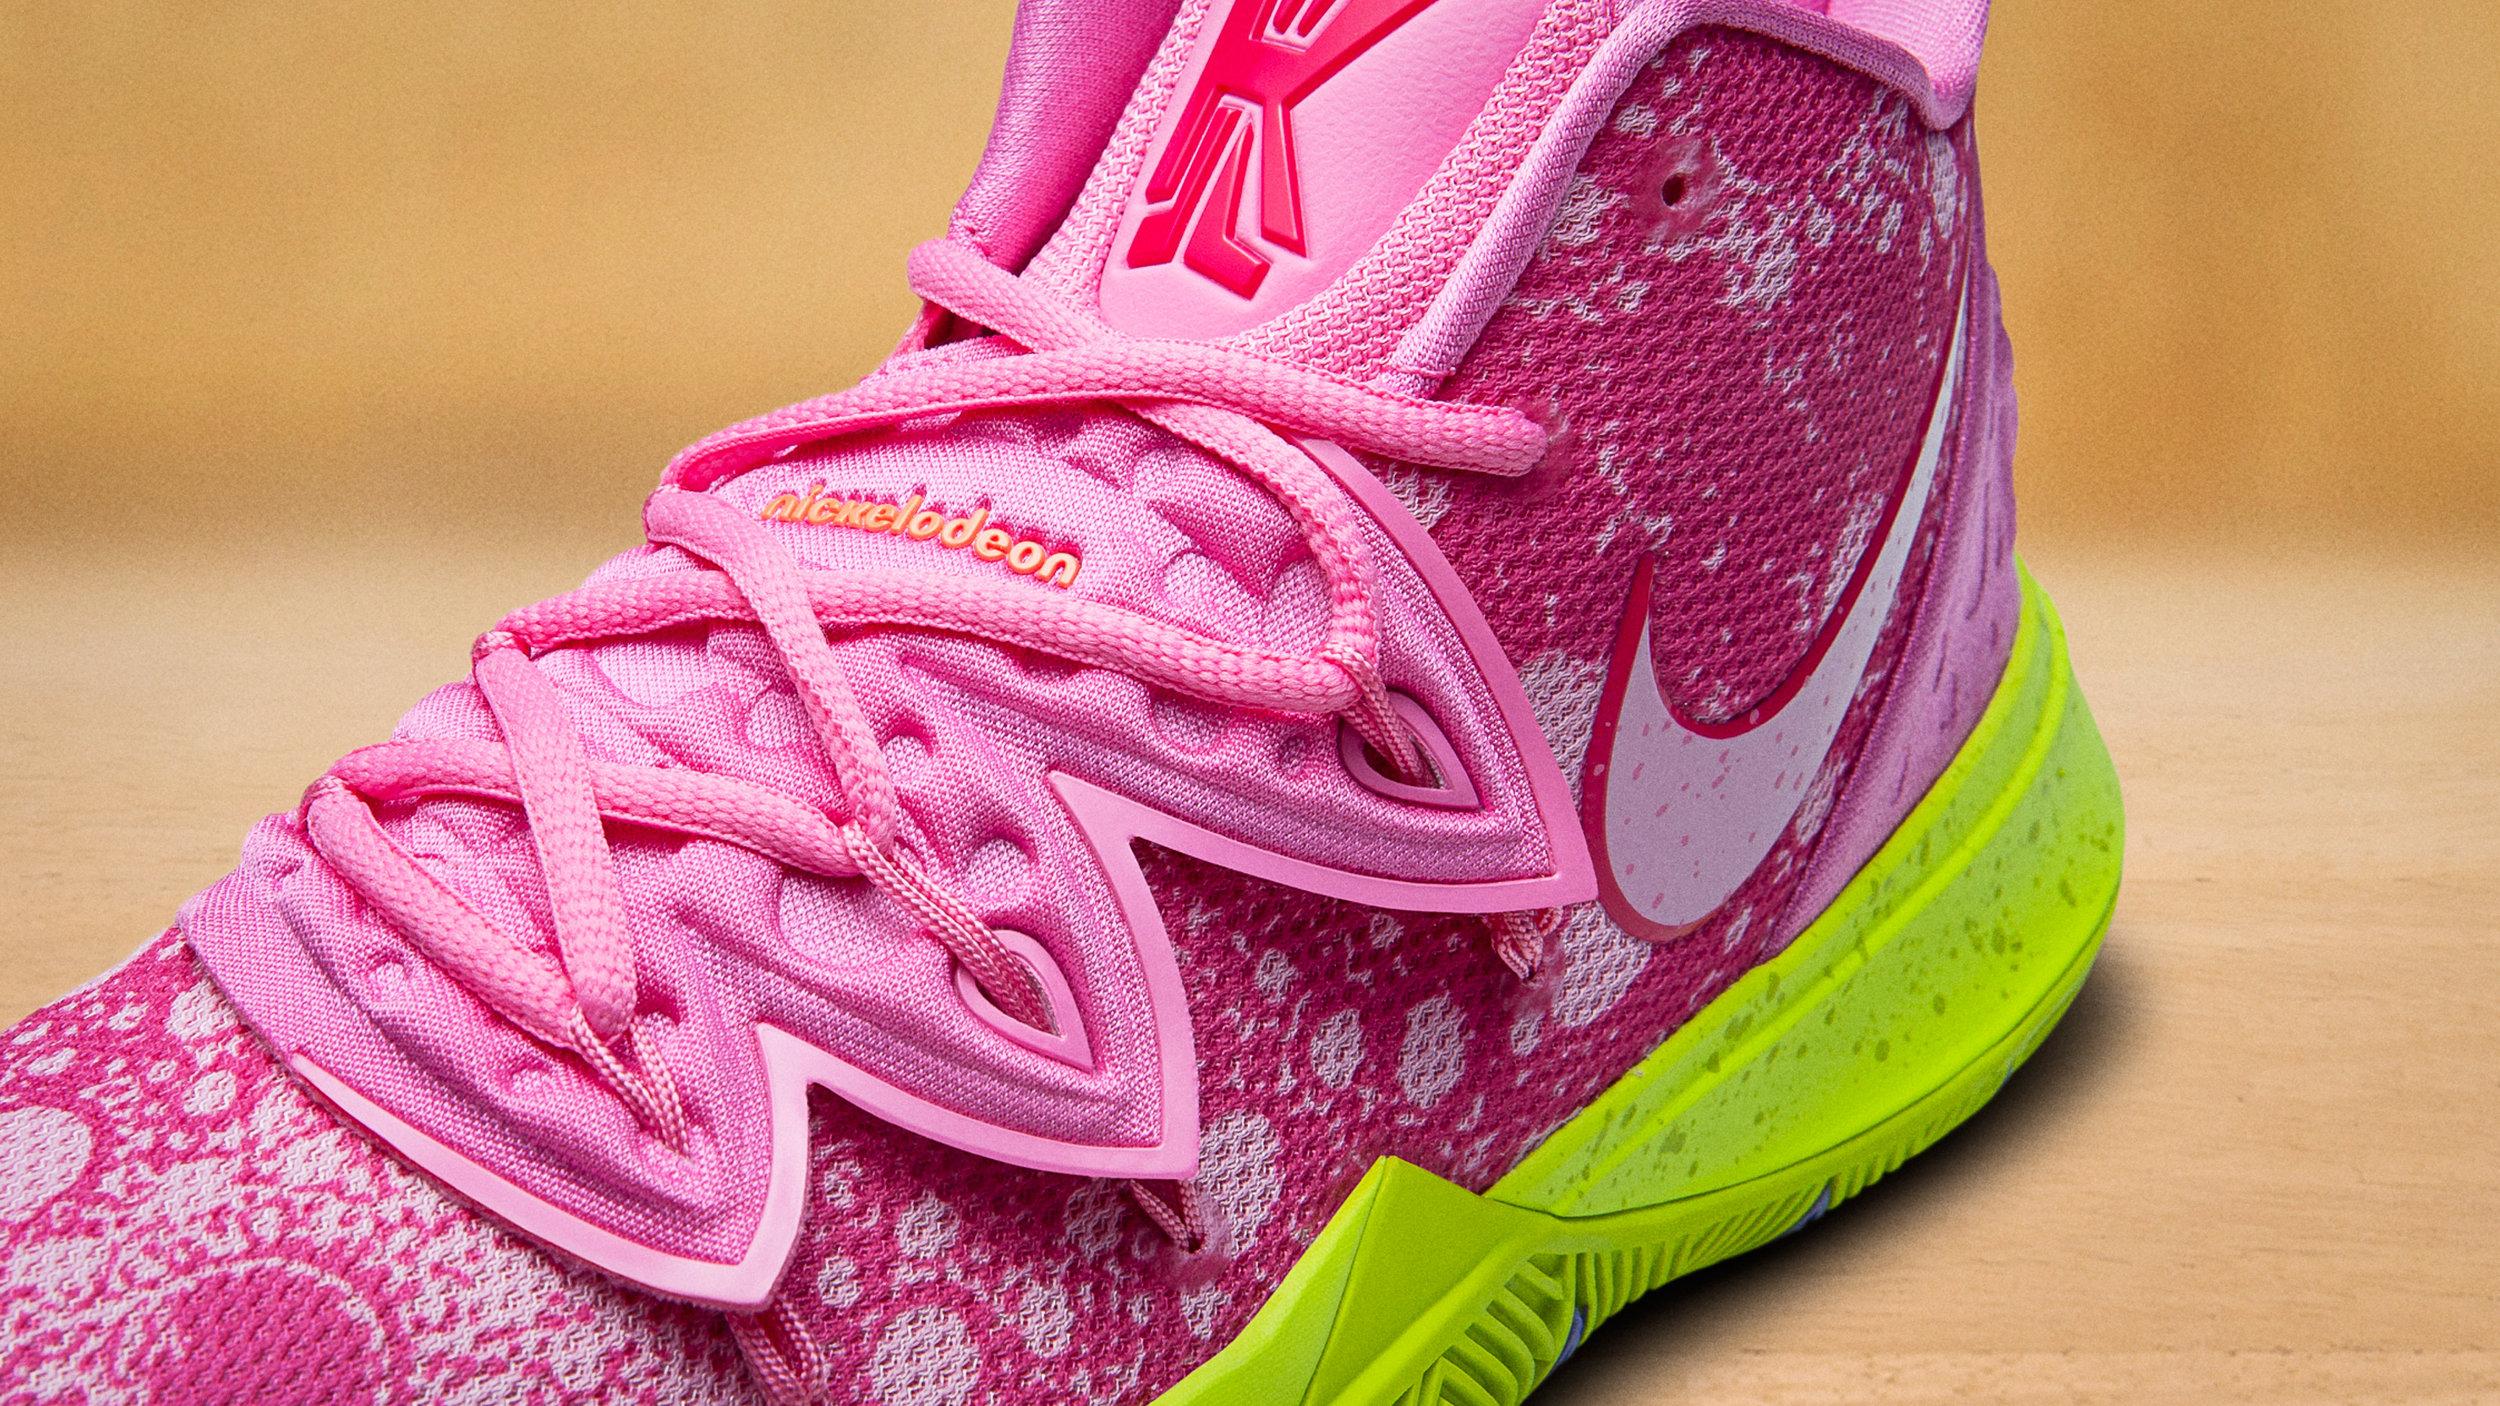 NikeNews_NikeBasketball_Kyrie_Spongebob_DSC_8095_1_89218.jpg